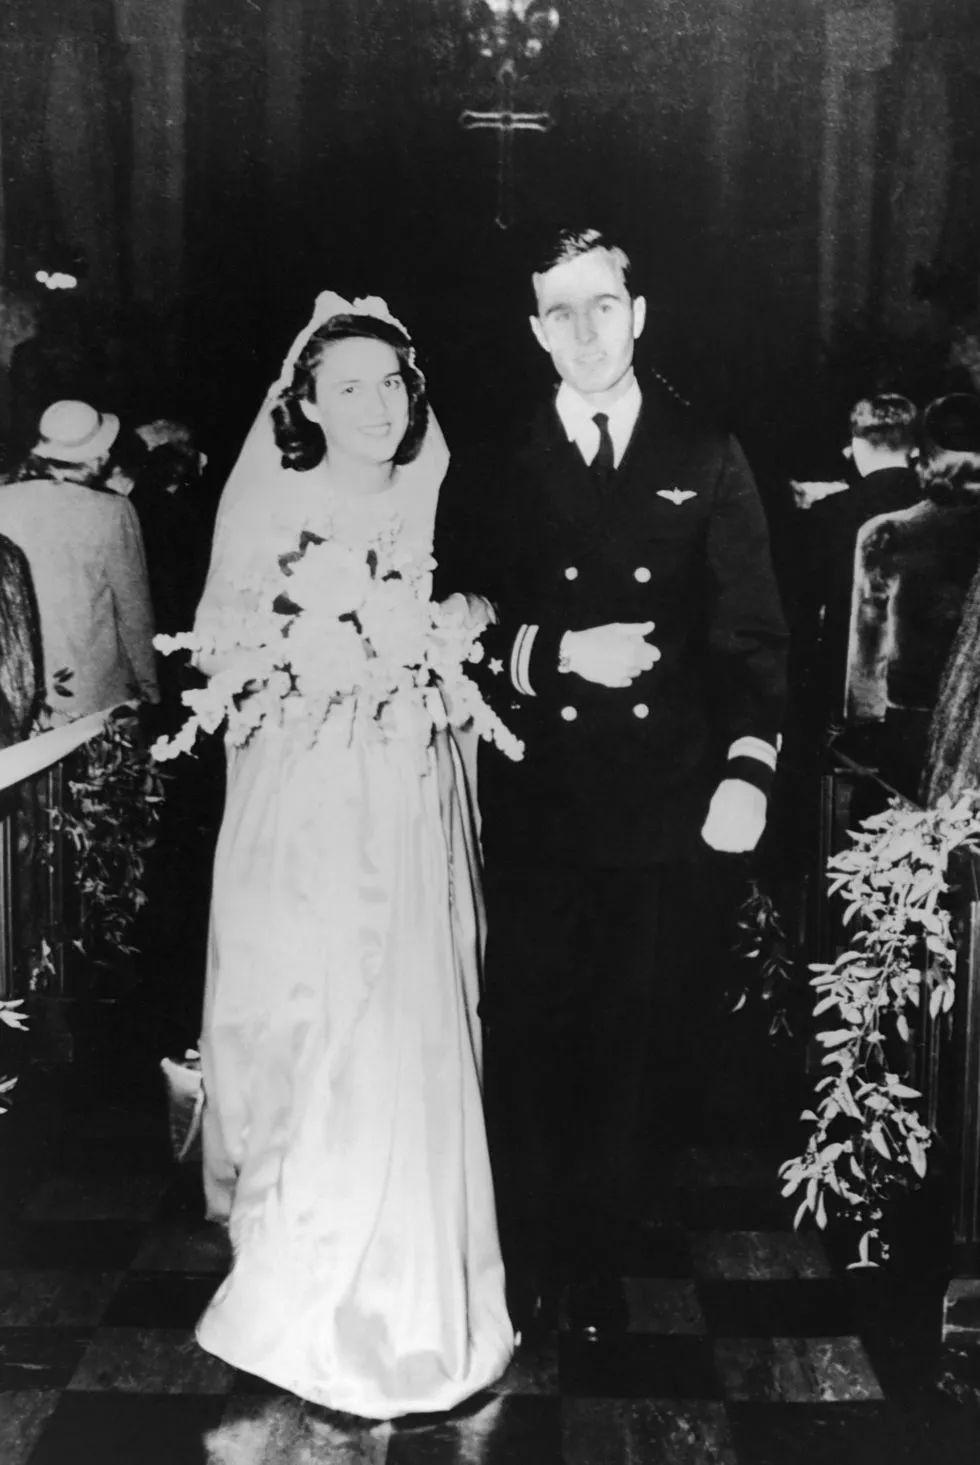 92岁芭芭拉●布什去世,嫁给总统生了总统,她才是真正的人生赢家(附视频&演讲稿)